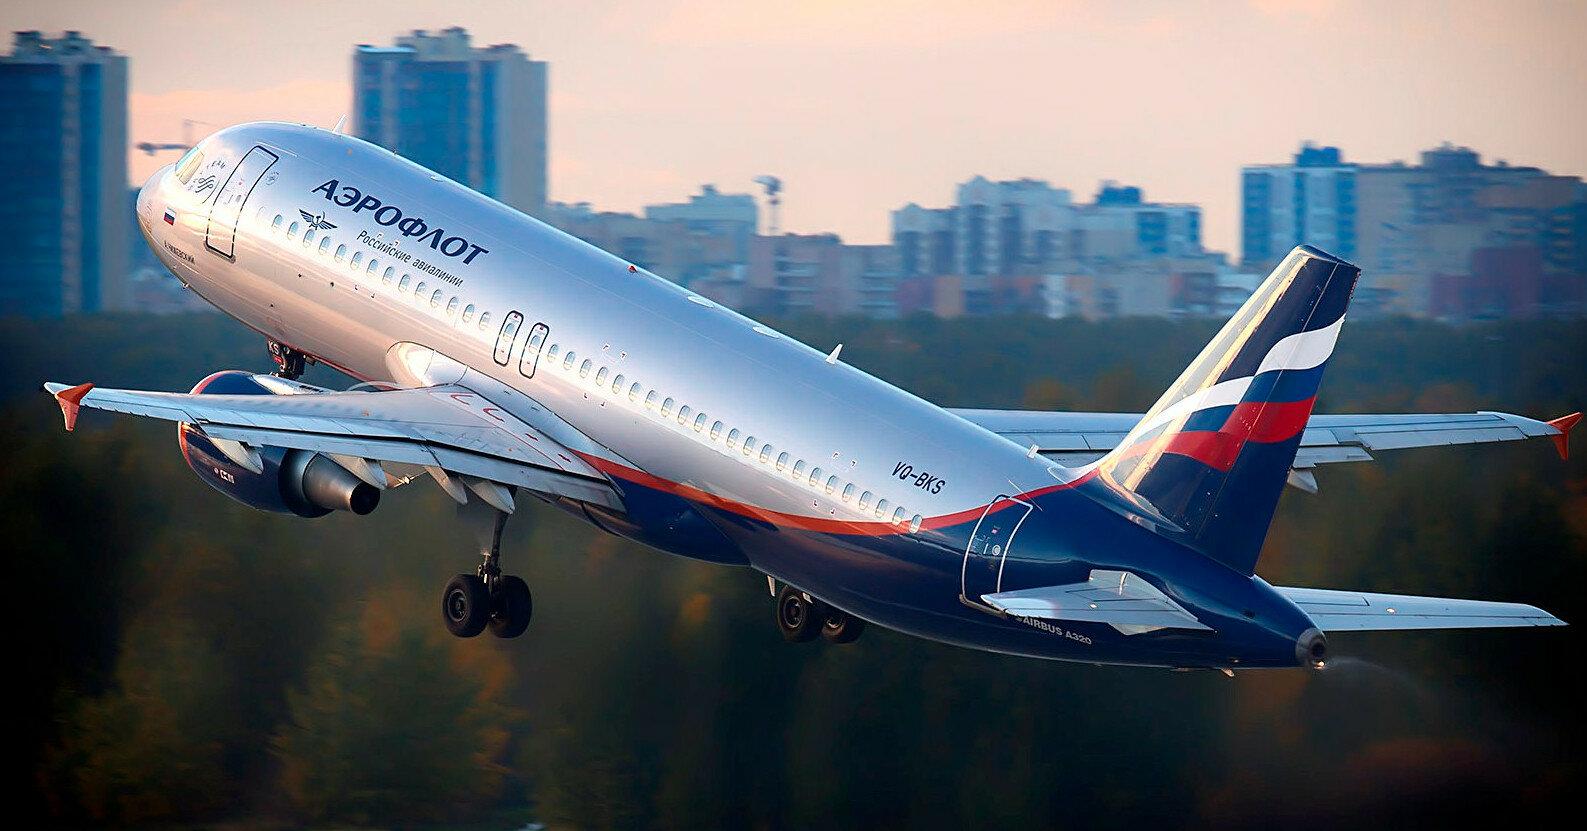 Германия закрыла небо для российских авиакомпаний